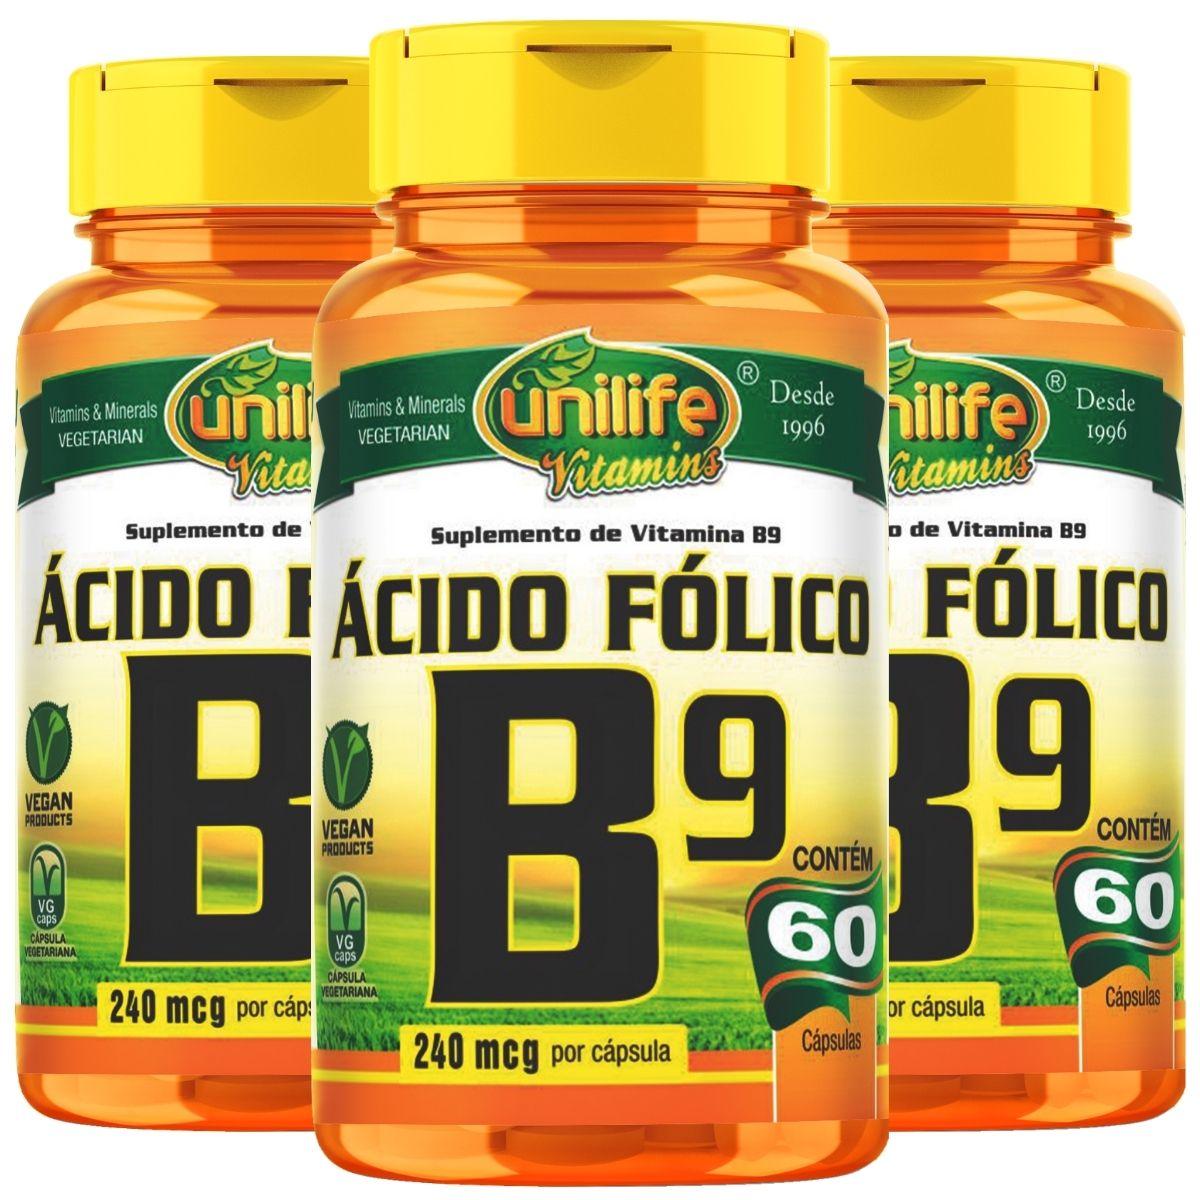 Kit 3 Vitamina B9 Ácido Fólico 60 Cápsulas 500mg - Unilife